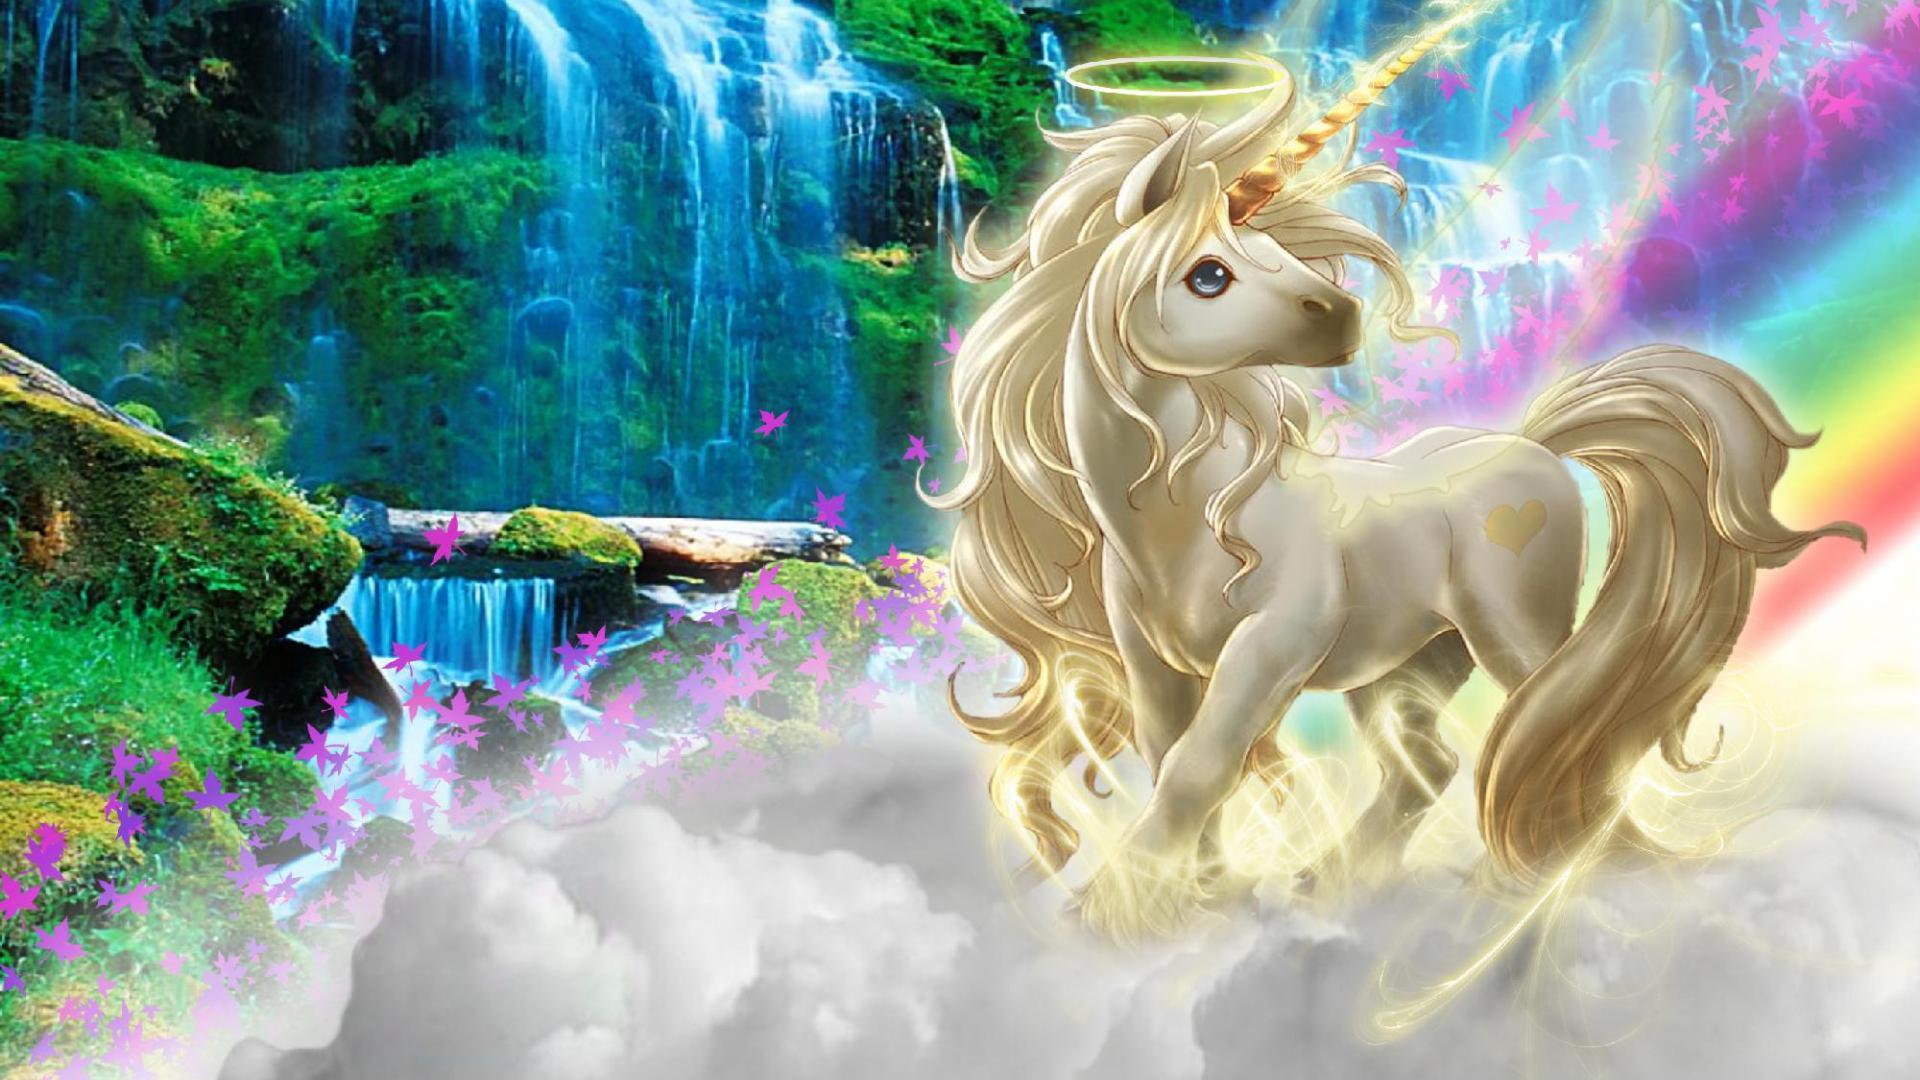 Unicorn background 8